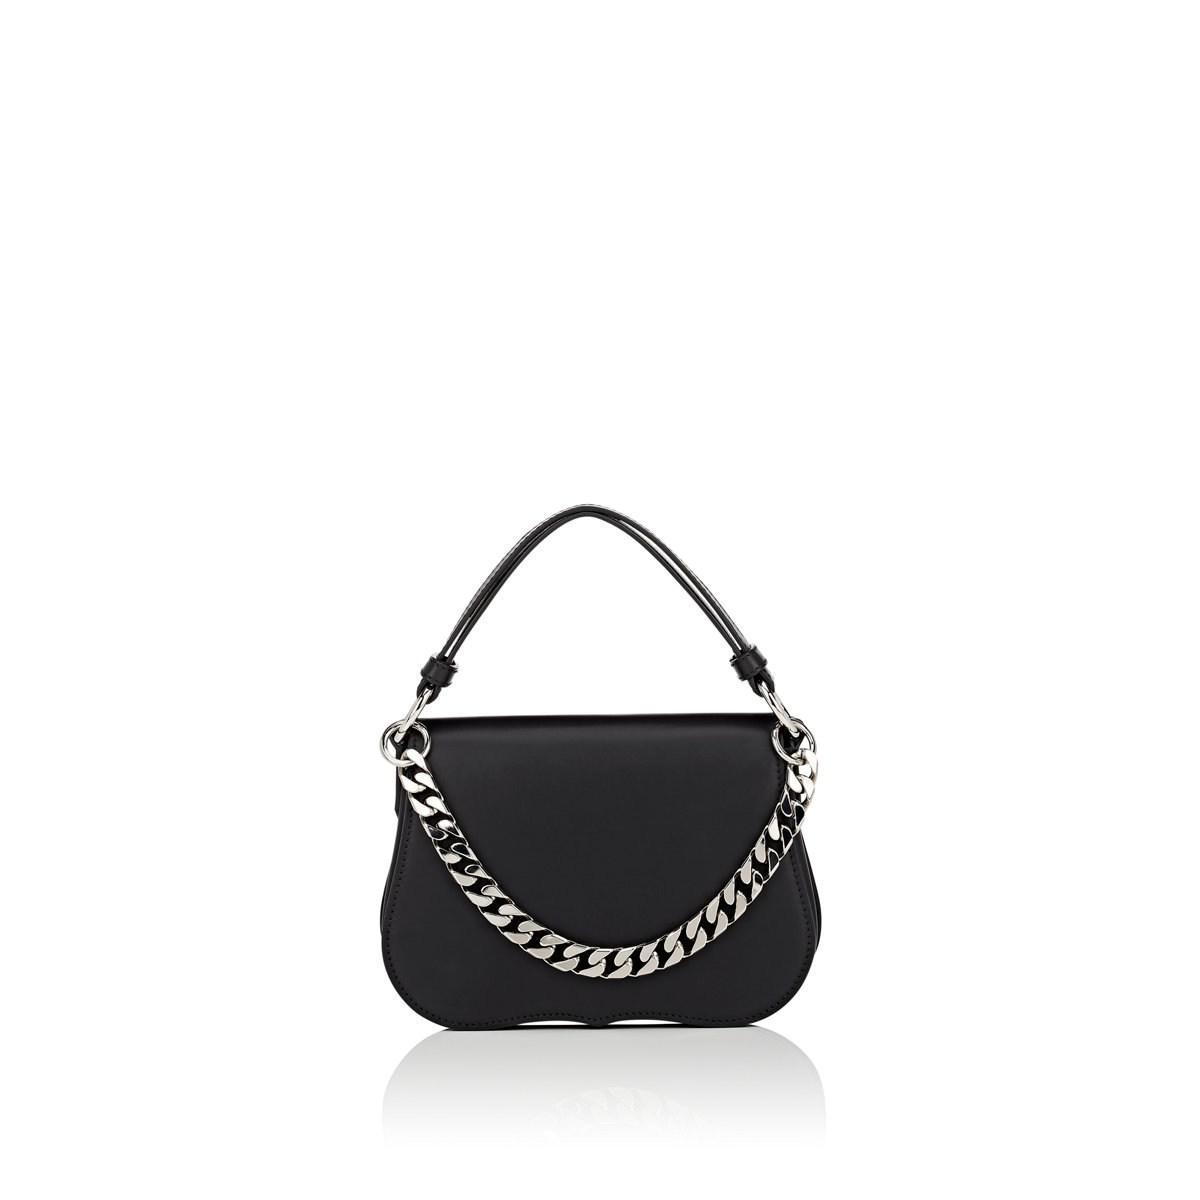 b28d92fff4f CALVIN KLEIN 205W39NYC Western Mini Leather Shoulder Bag in Black - Lyst